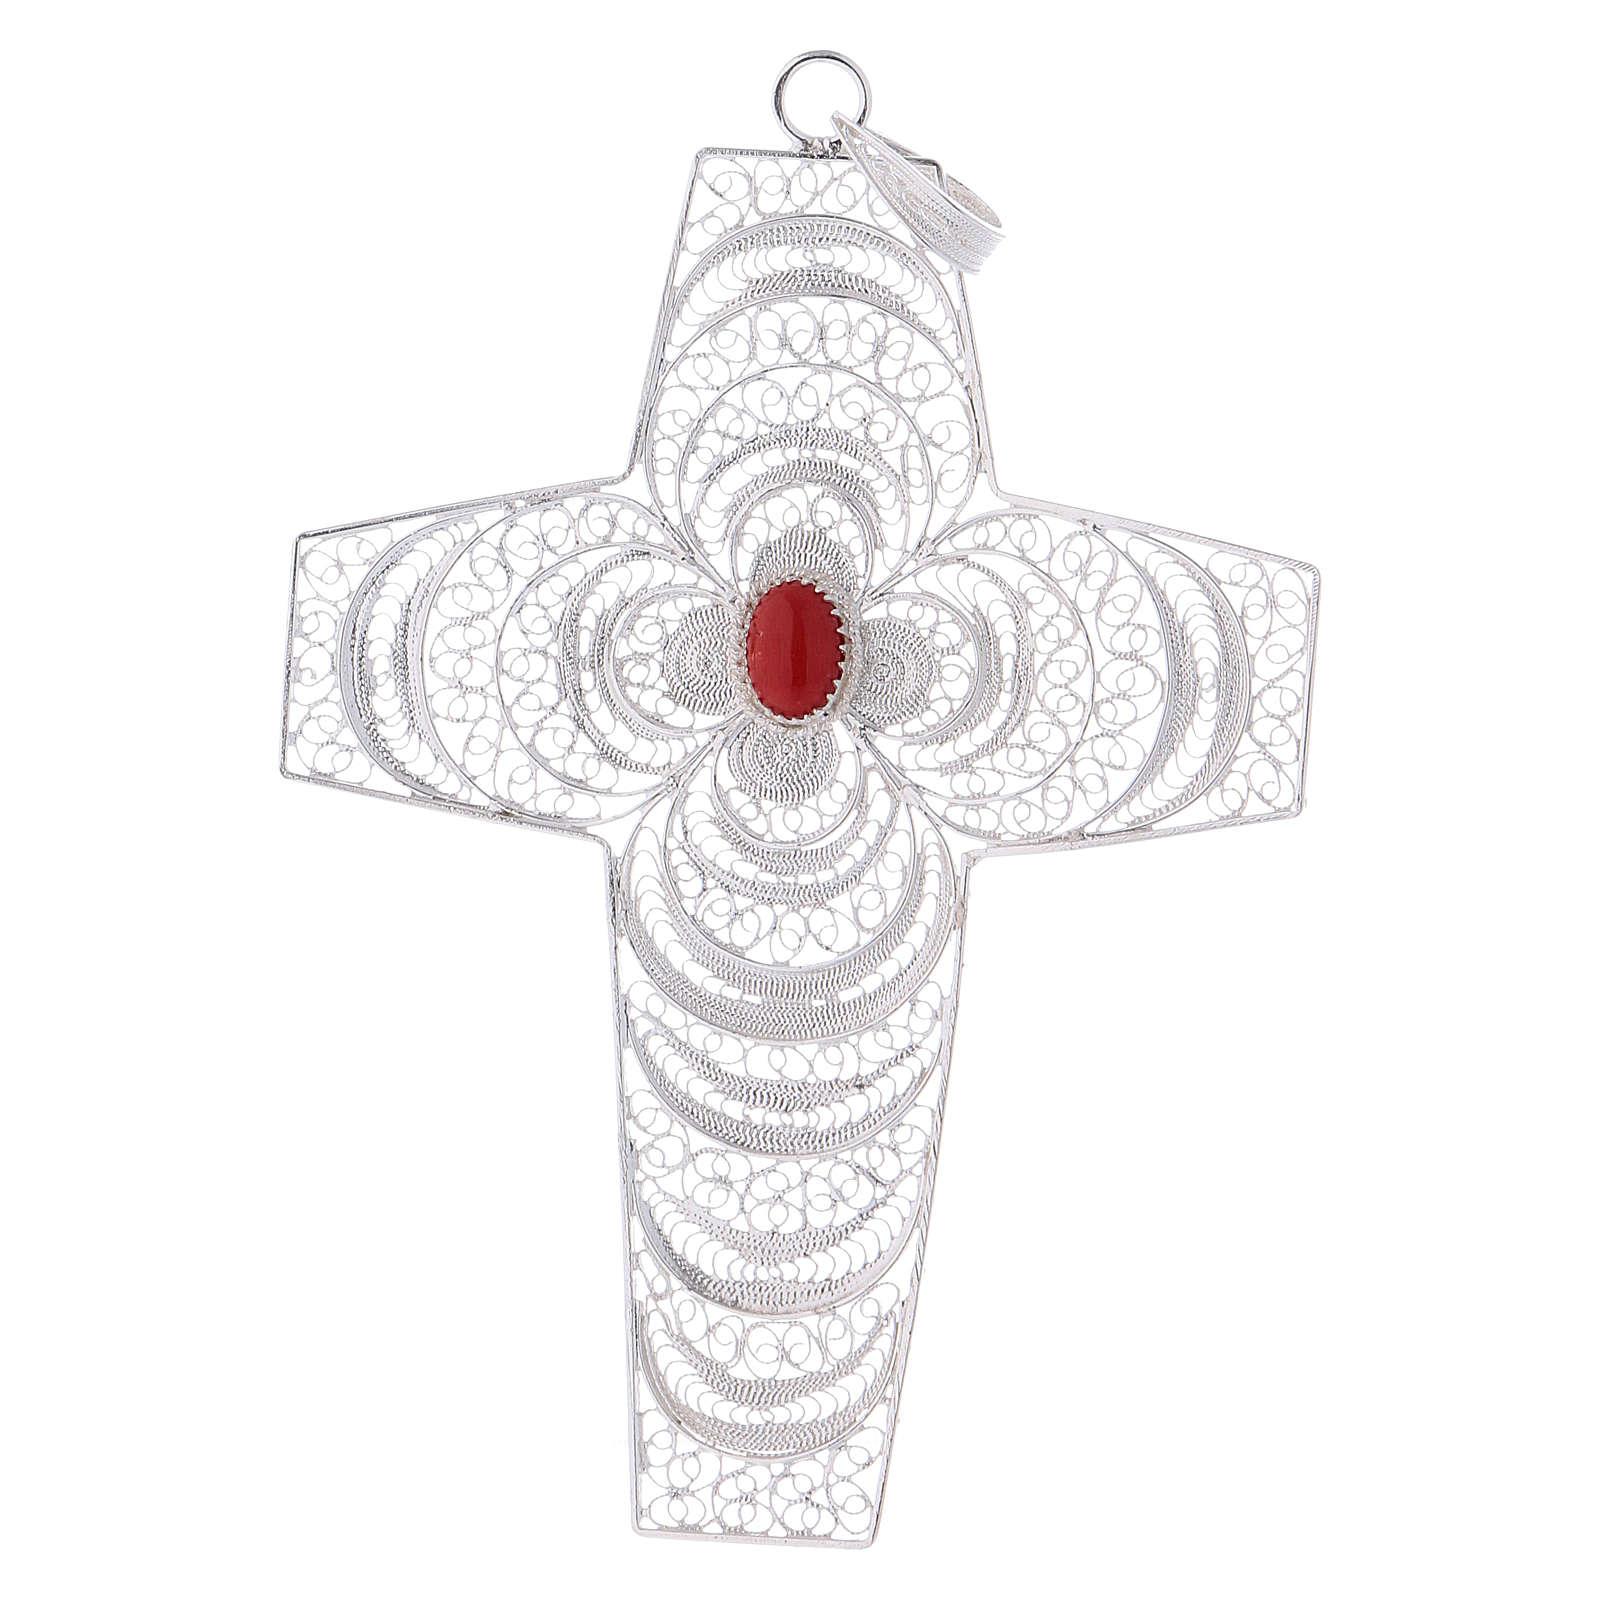 Croce vescovile corallo filigrana argento 800 3